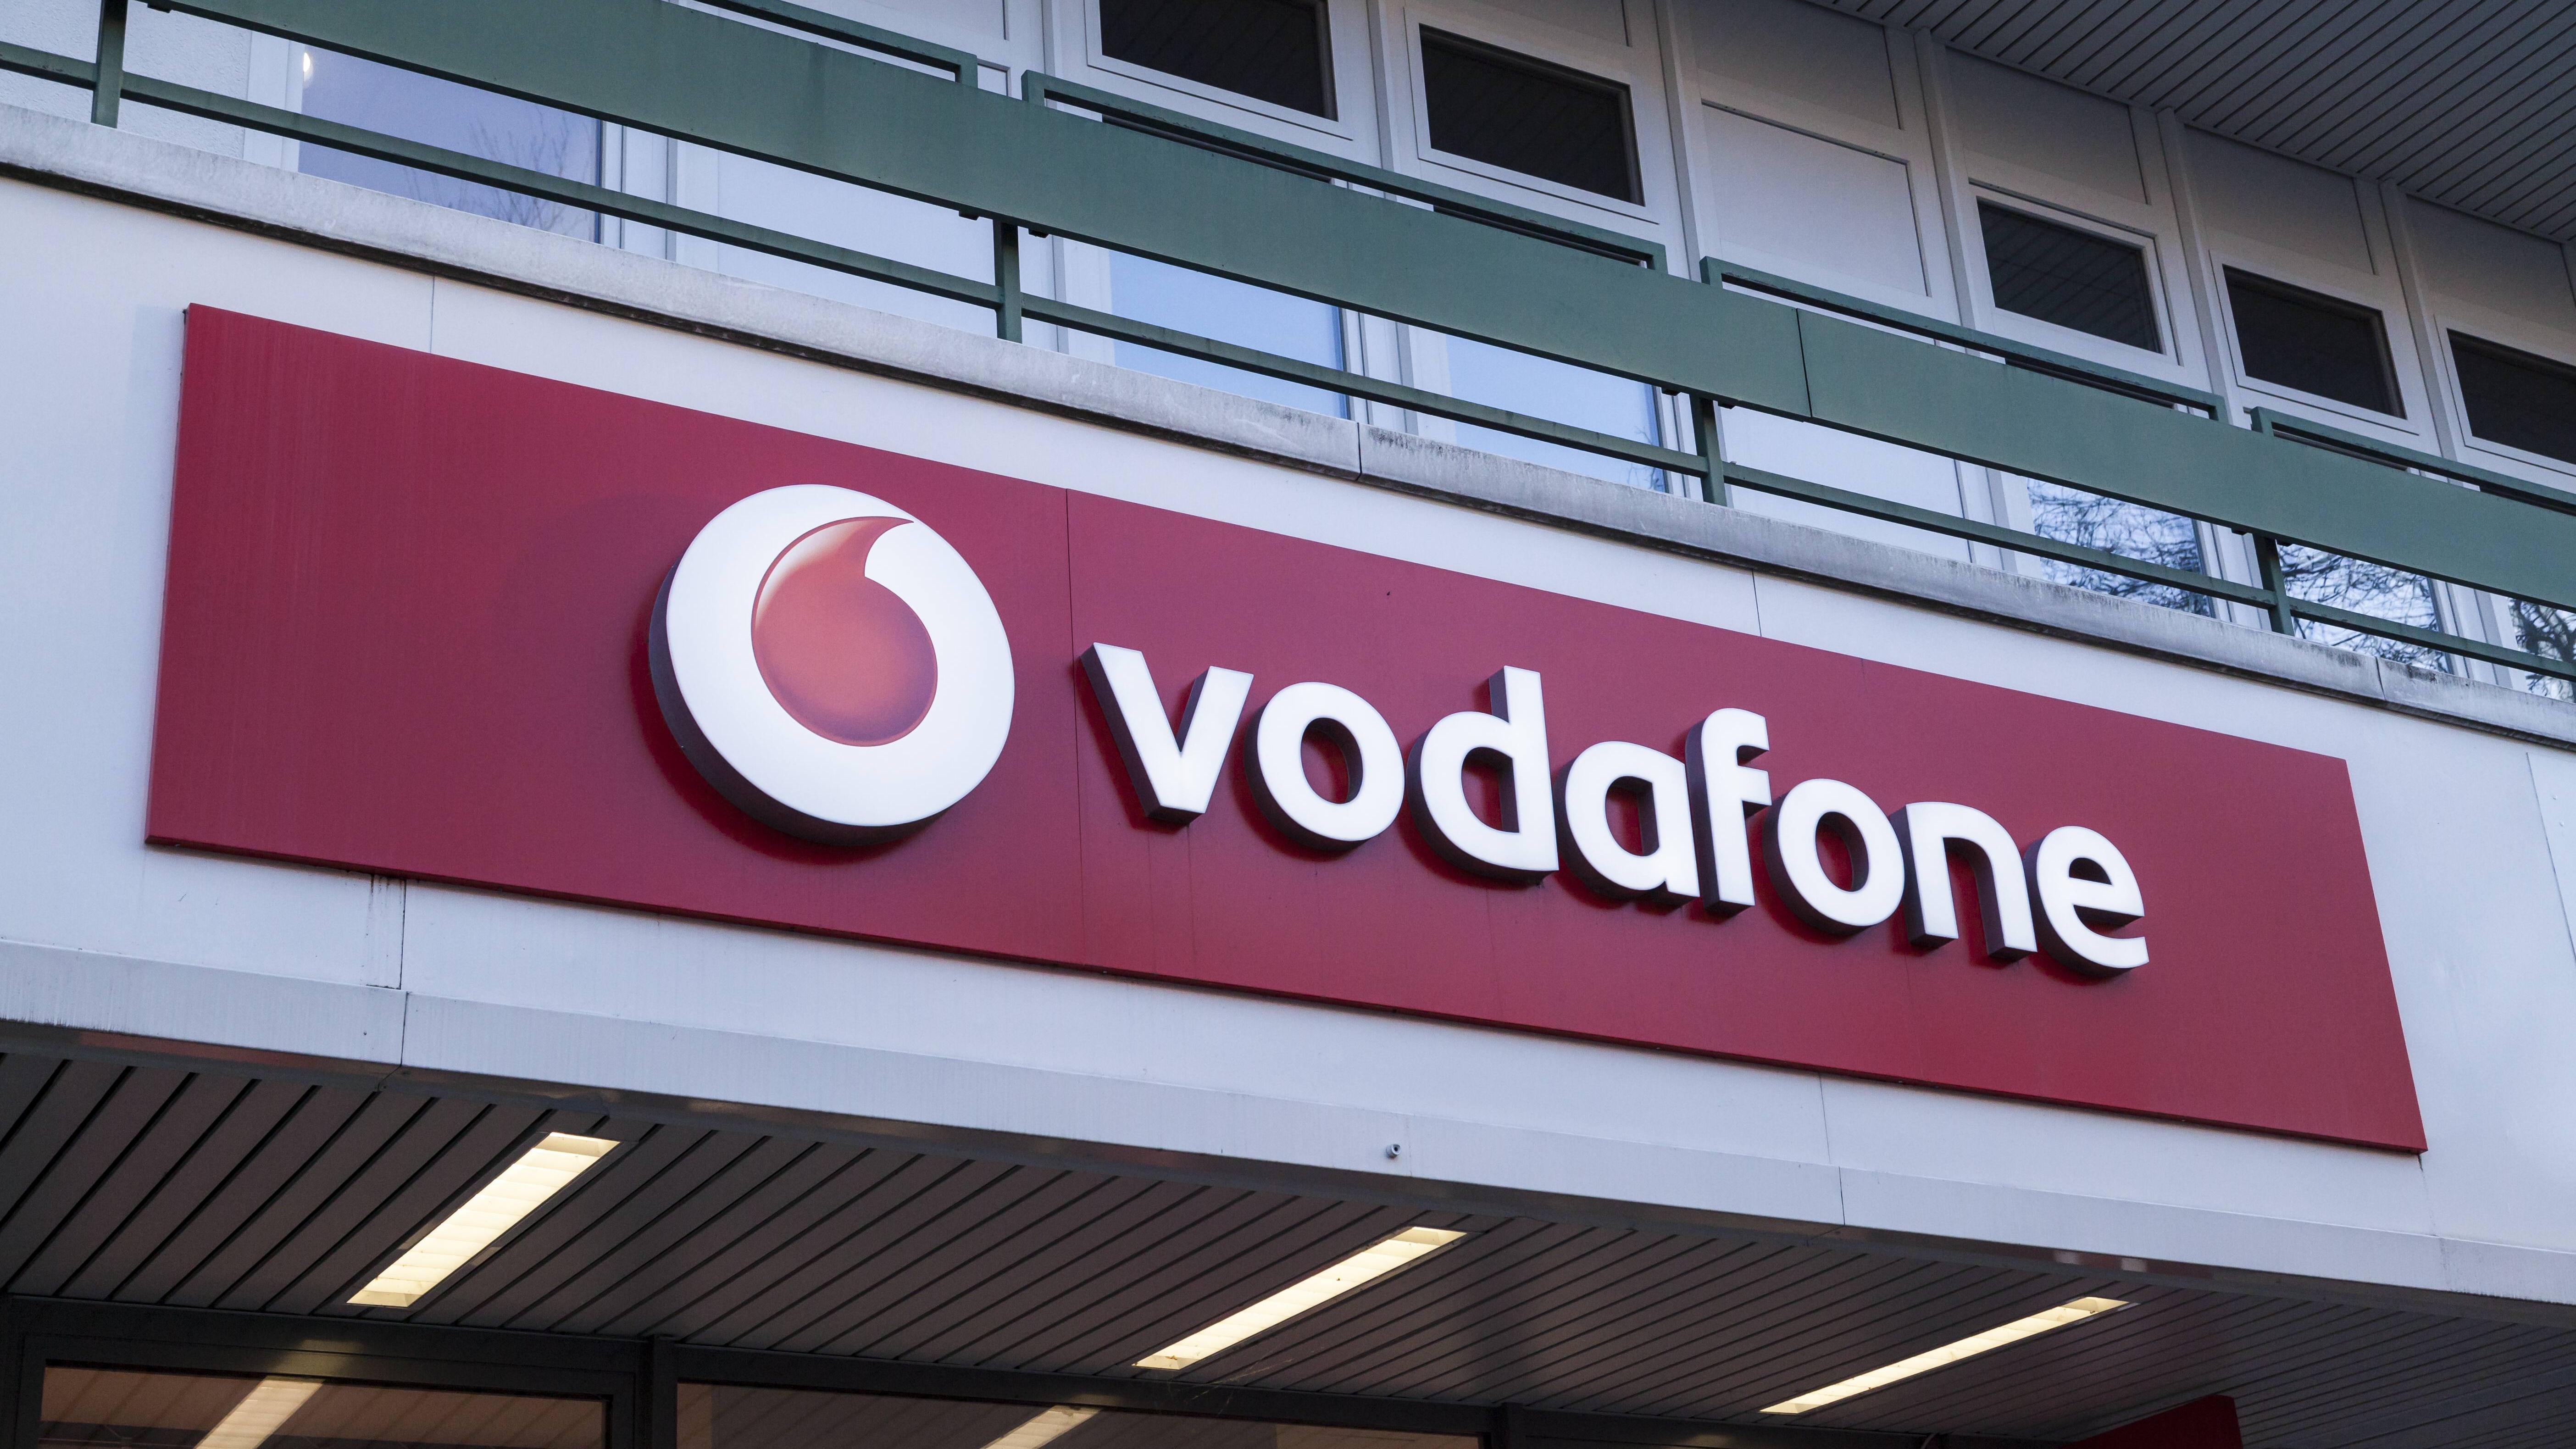 Beschwerde über Vodafone - hier geht's